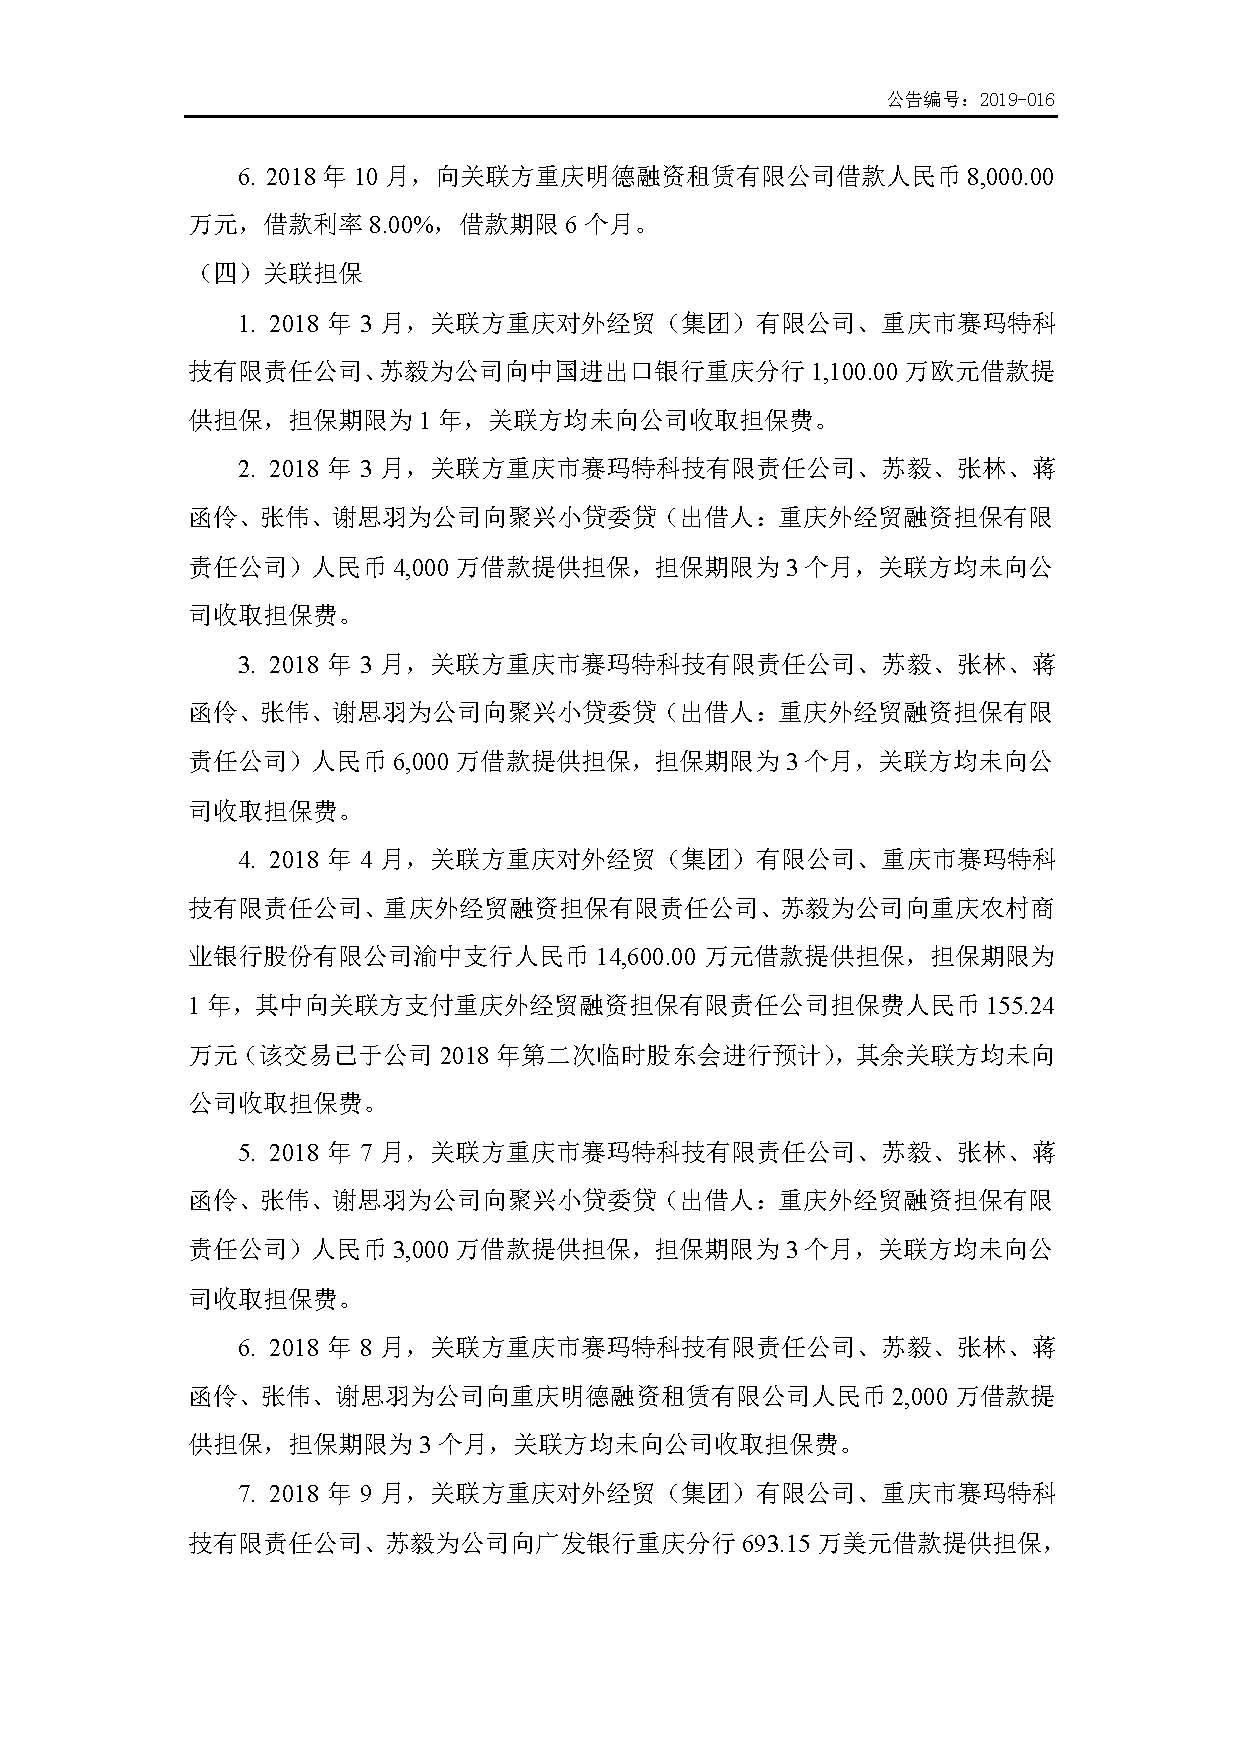 关于补充确认2018年偶发性关联交易的公告_页面_10